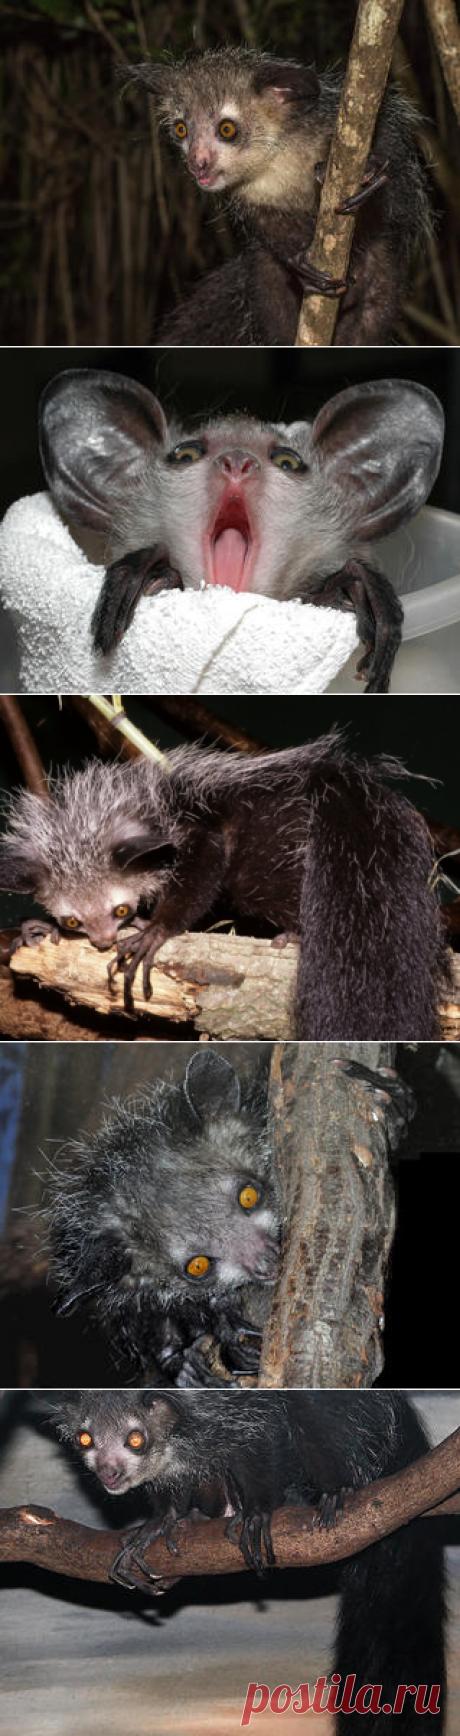 Смотреть изображения мадагаскарских руконожек | Зооляндия